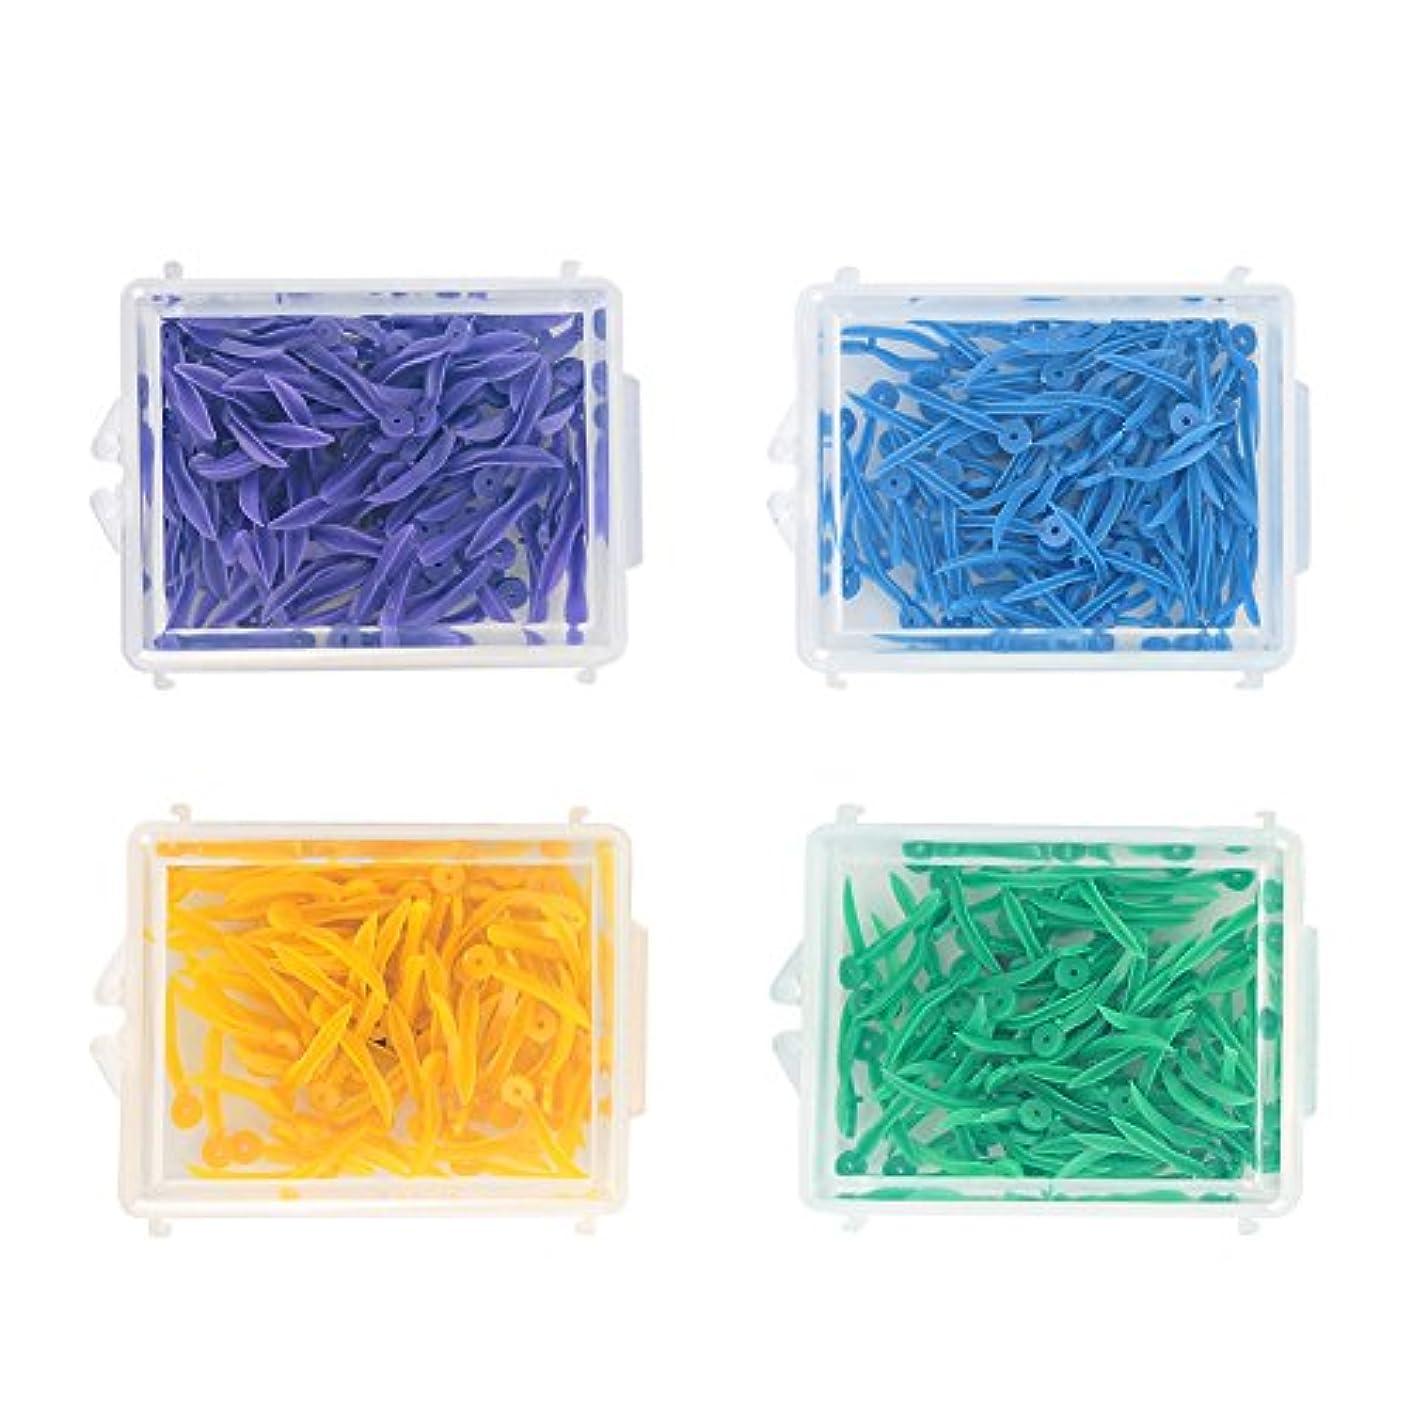 対応する警官作曲家400pcs使い捨て歯科用プラスチック製くさびすべての4つのサイズウェーブシェイプウェッジ